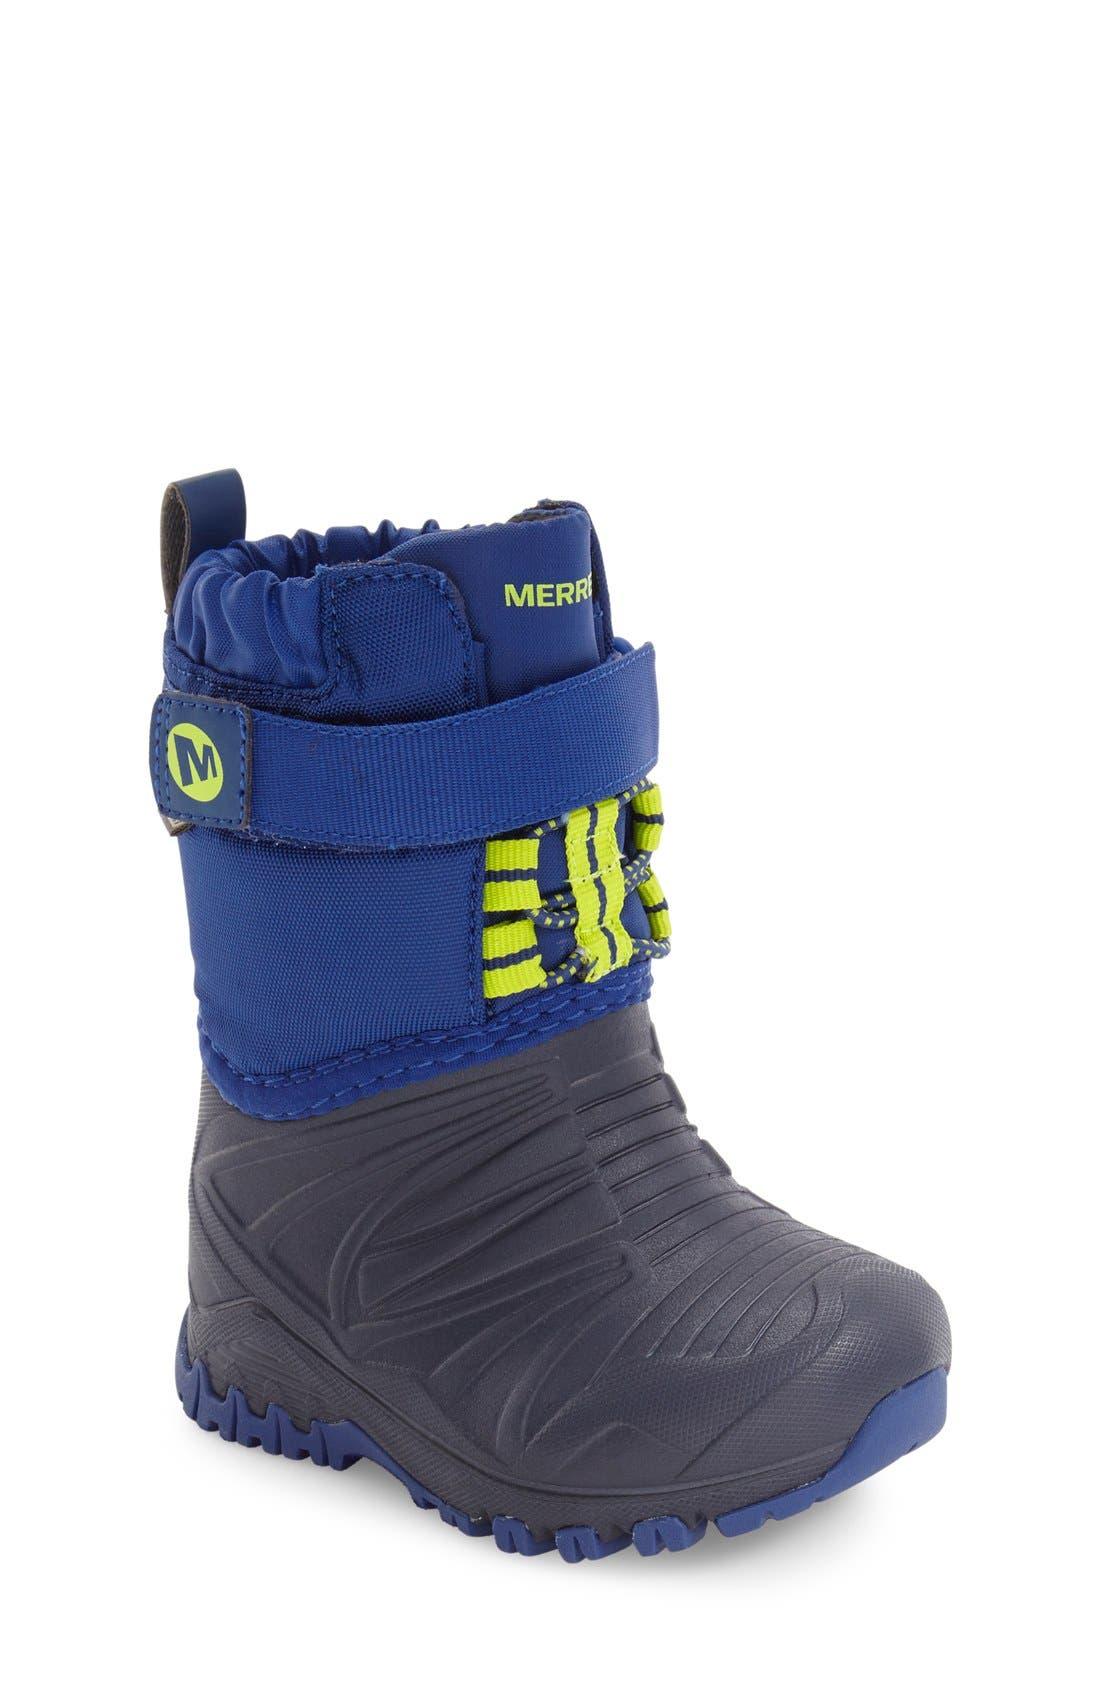 MERRELL Snow Quest Lite Waterproof Snow Boot